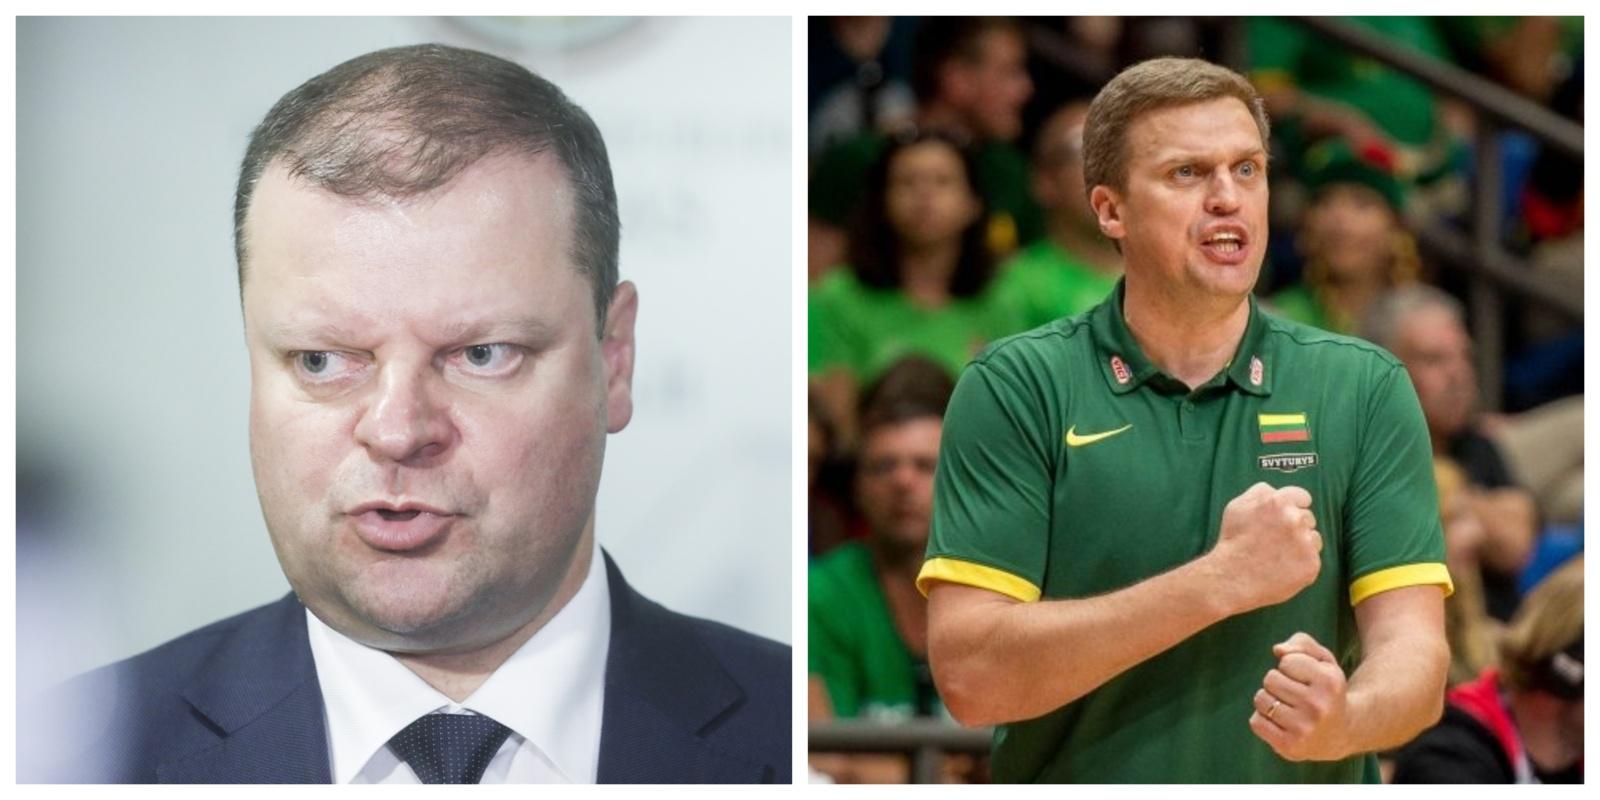 Lietuvos krepšinio rinktinės trenerio kritika FIBA yra teisinga, sako S. Skvernelis